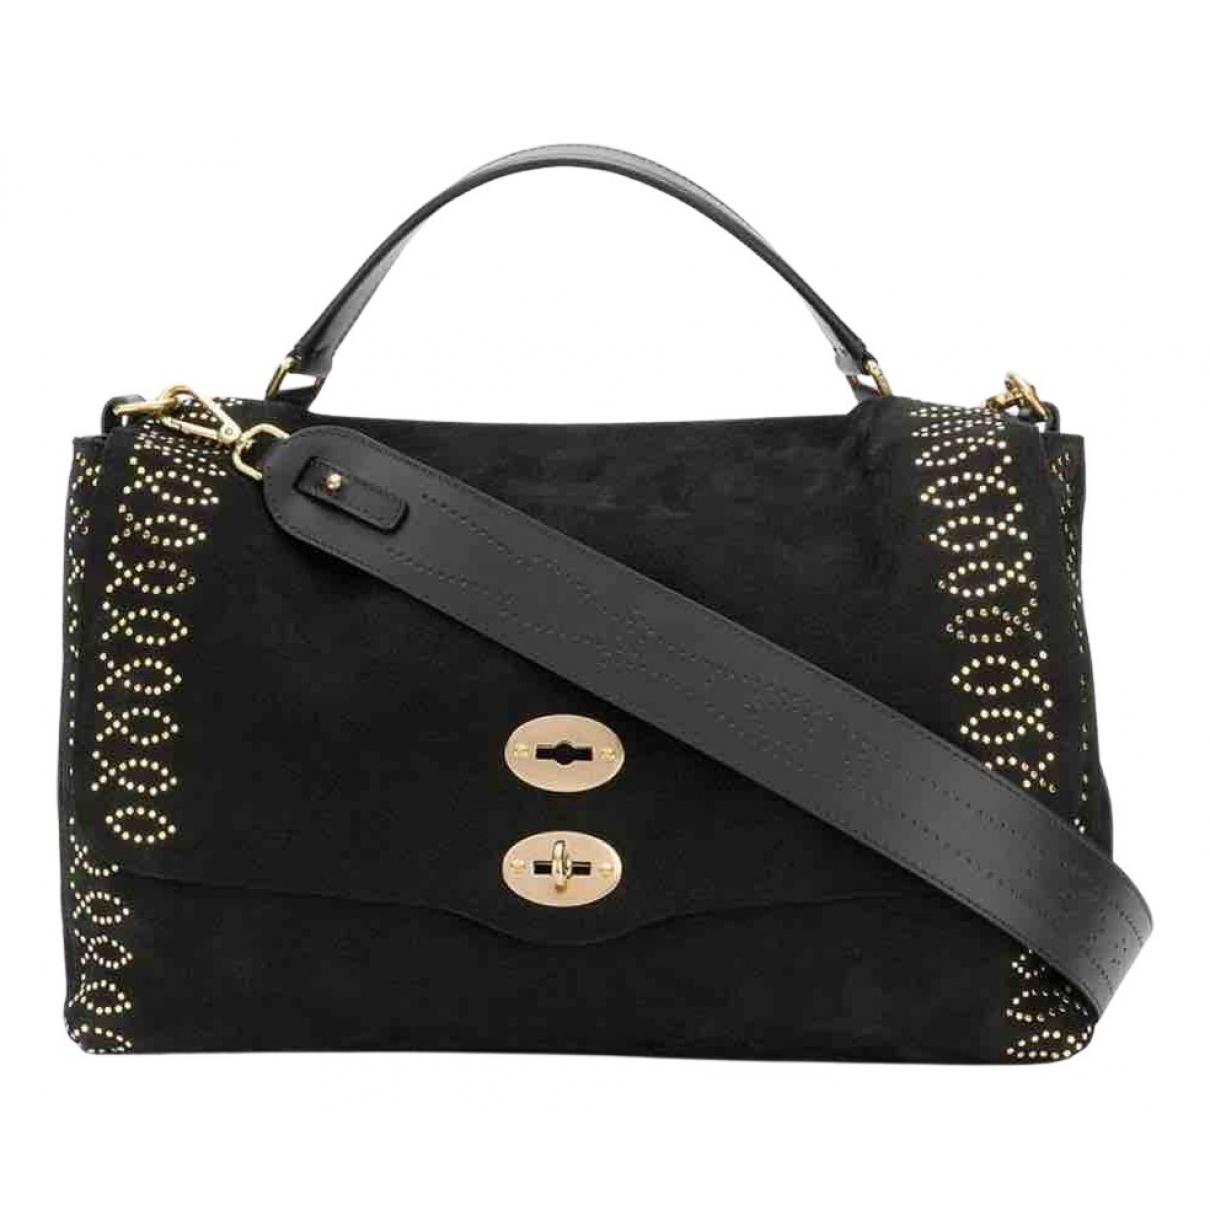 Zanellato \N Handtasche in  Schwarz Veloursleder